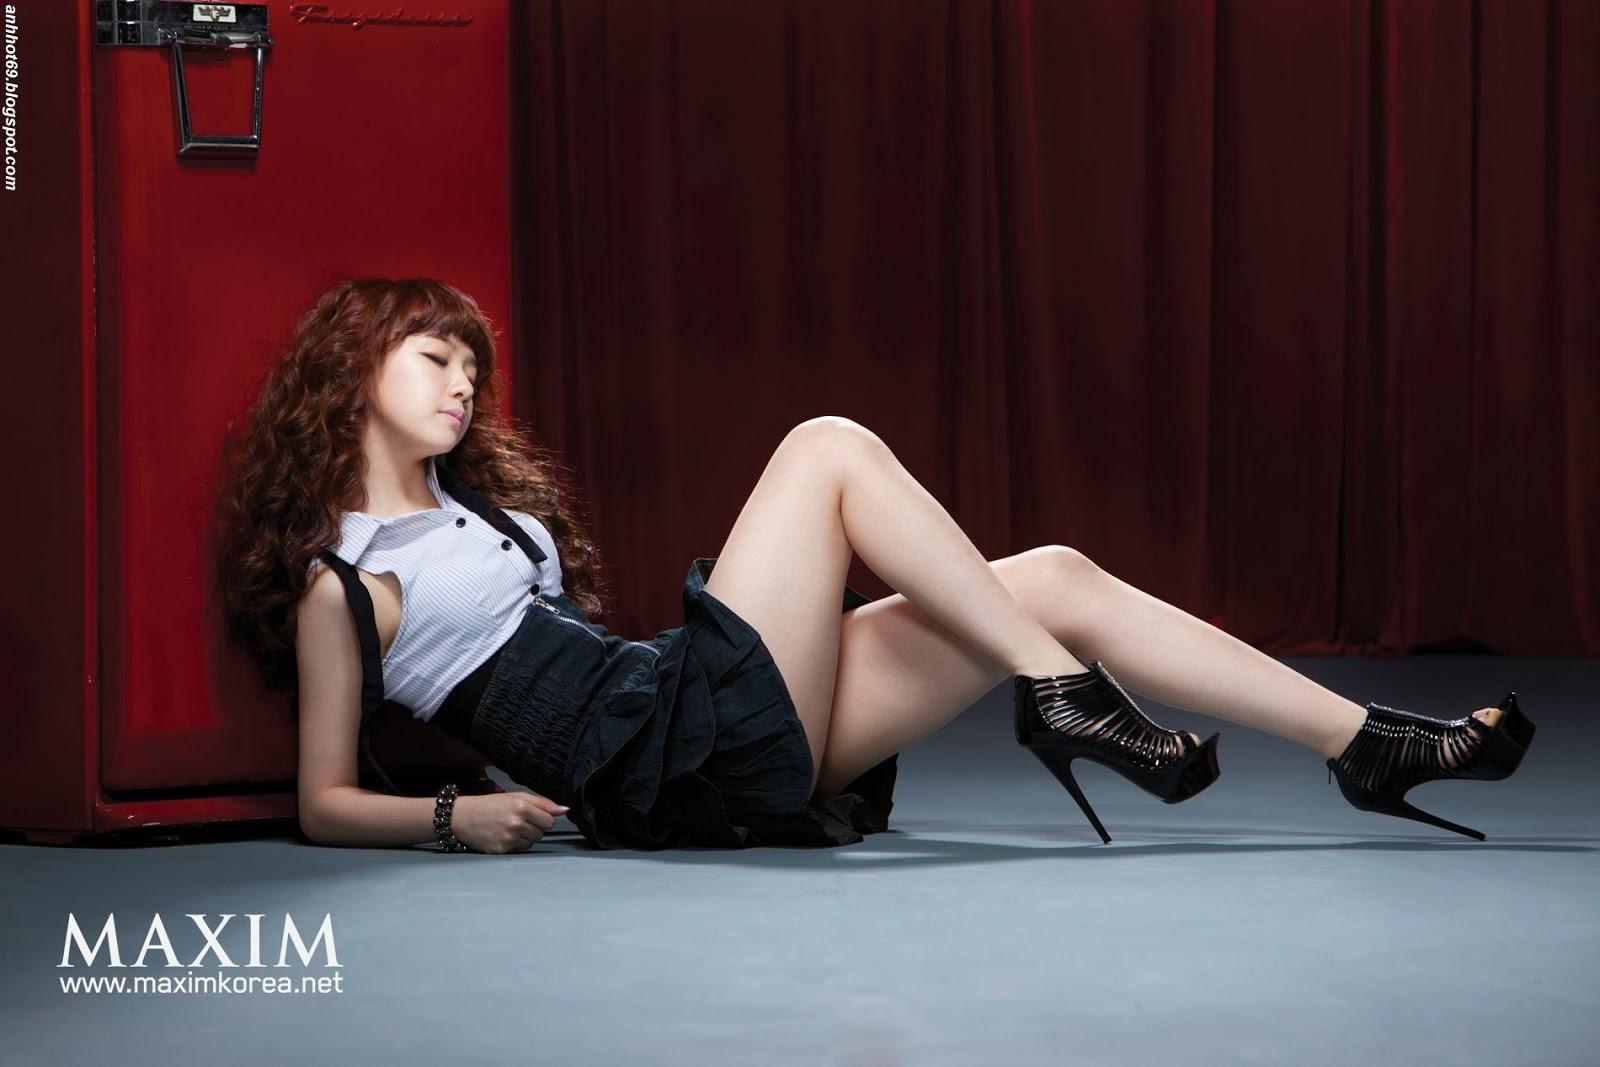 Kpop-Start-Hot_Dj1O2